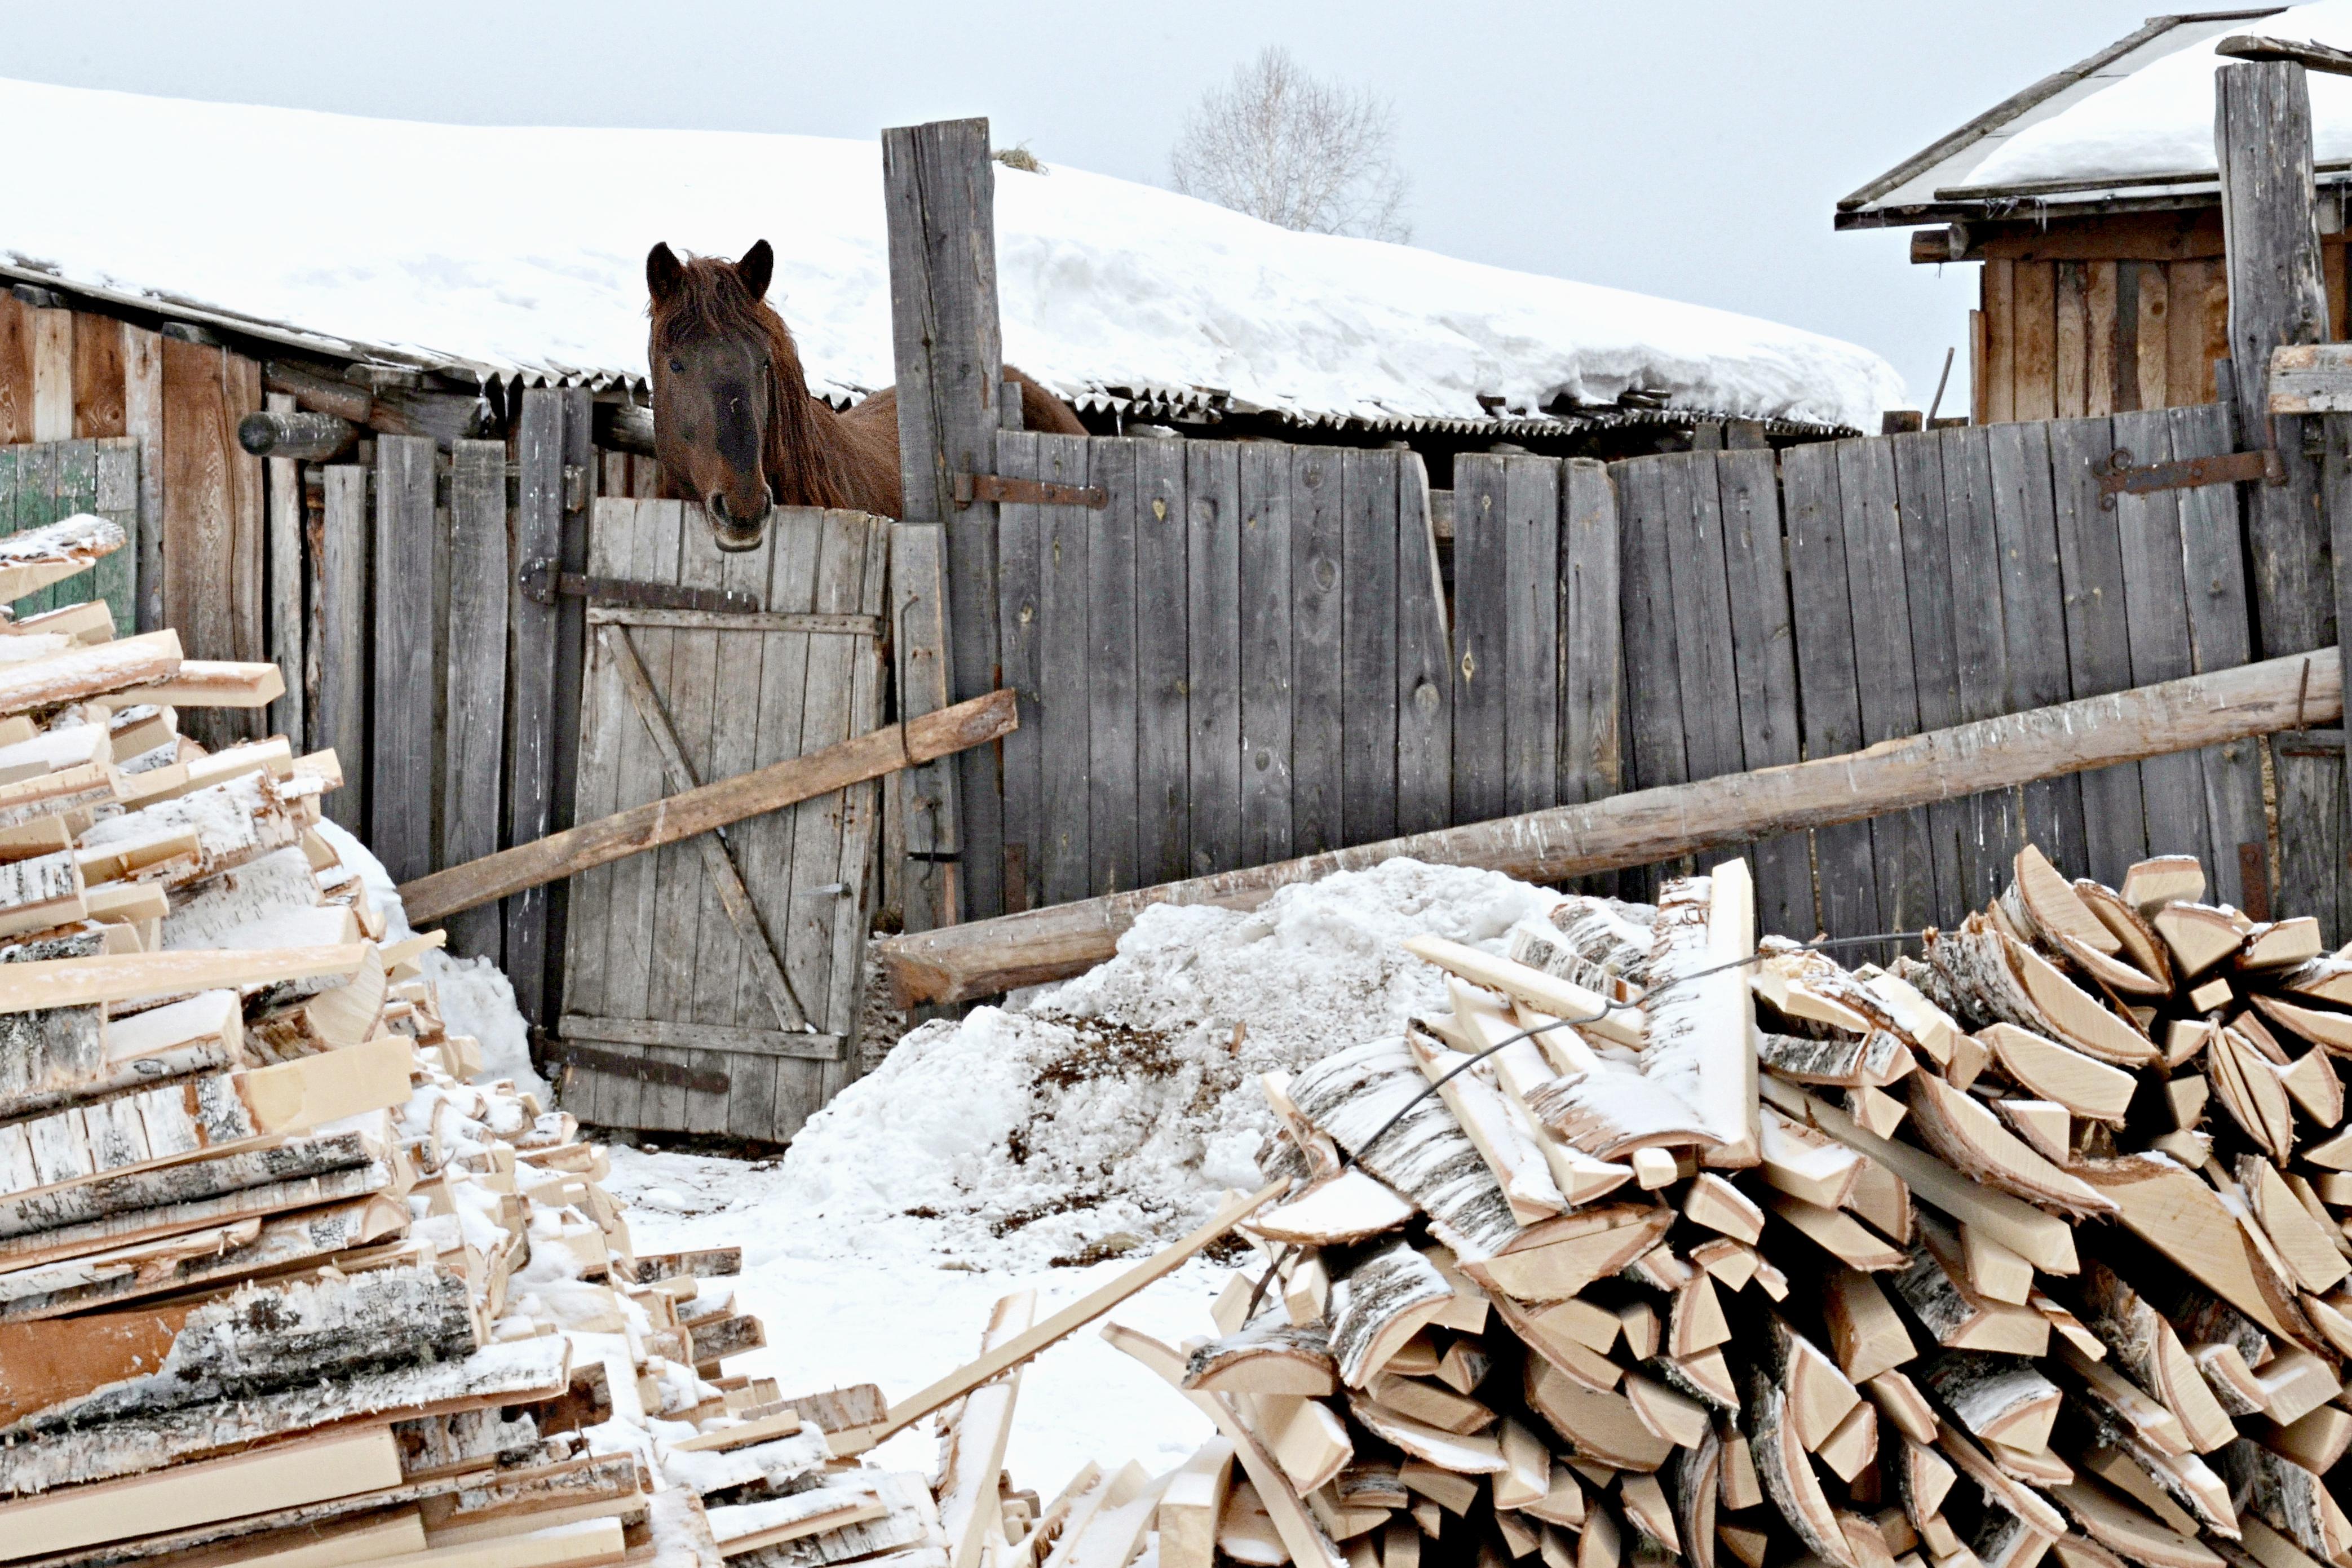 Zu Staschkunas' Hof gehören auch zwei Pferde, Kühe und Hühner. / Peggy Lohse